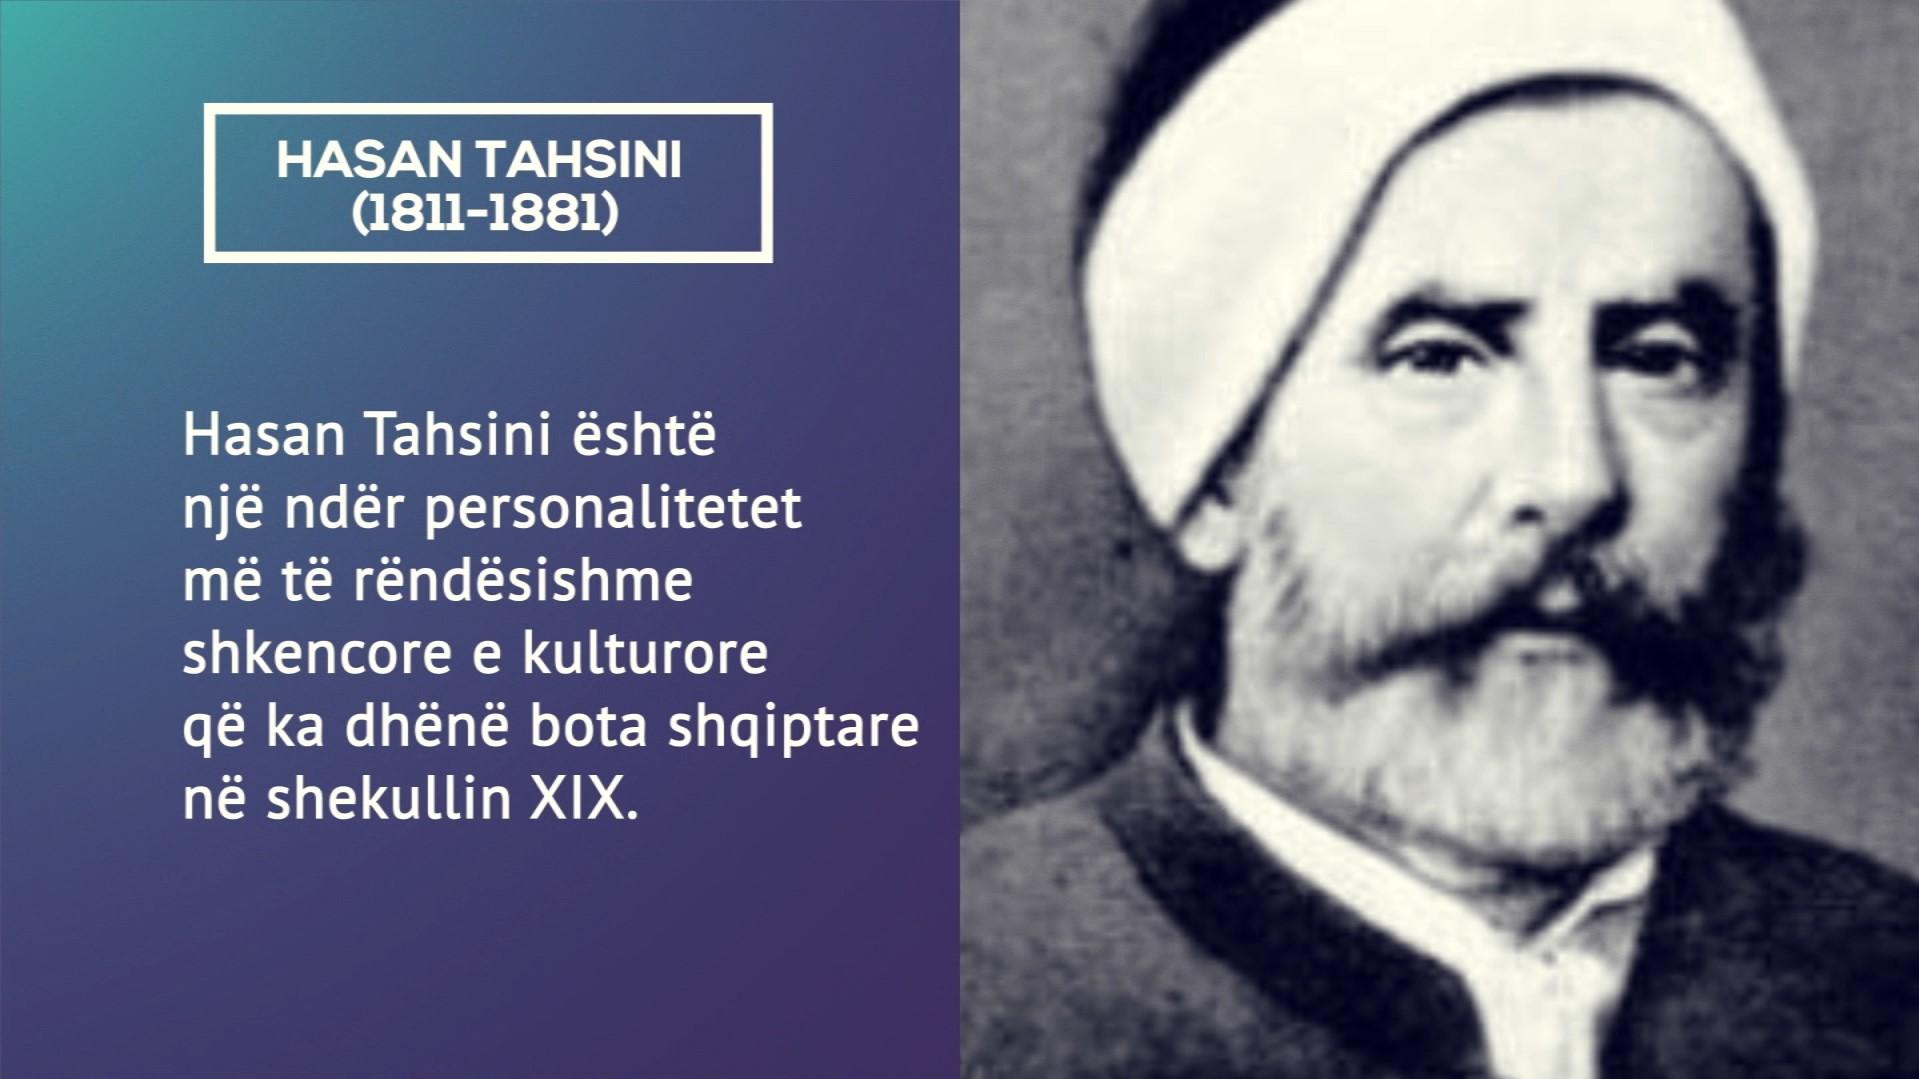 Hasan Tahsini – PROFIL (pjesa 1)